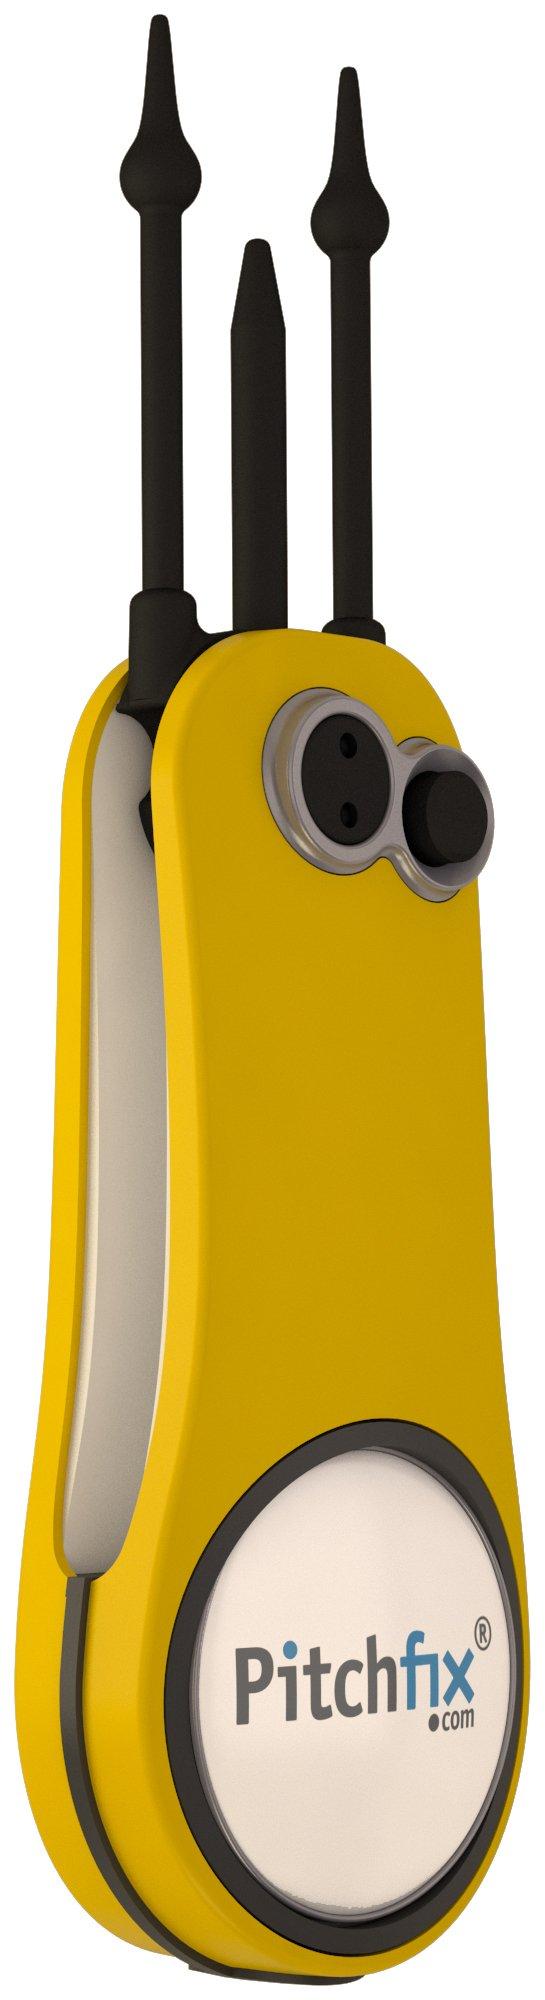 Pitchfix Fusion 2.5 Pin, Yellow/White by Pitchfix (Image #1)